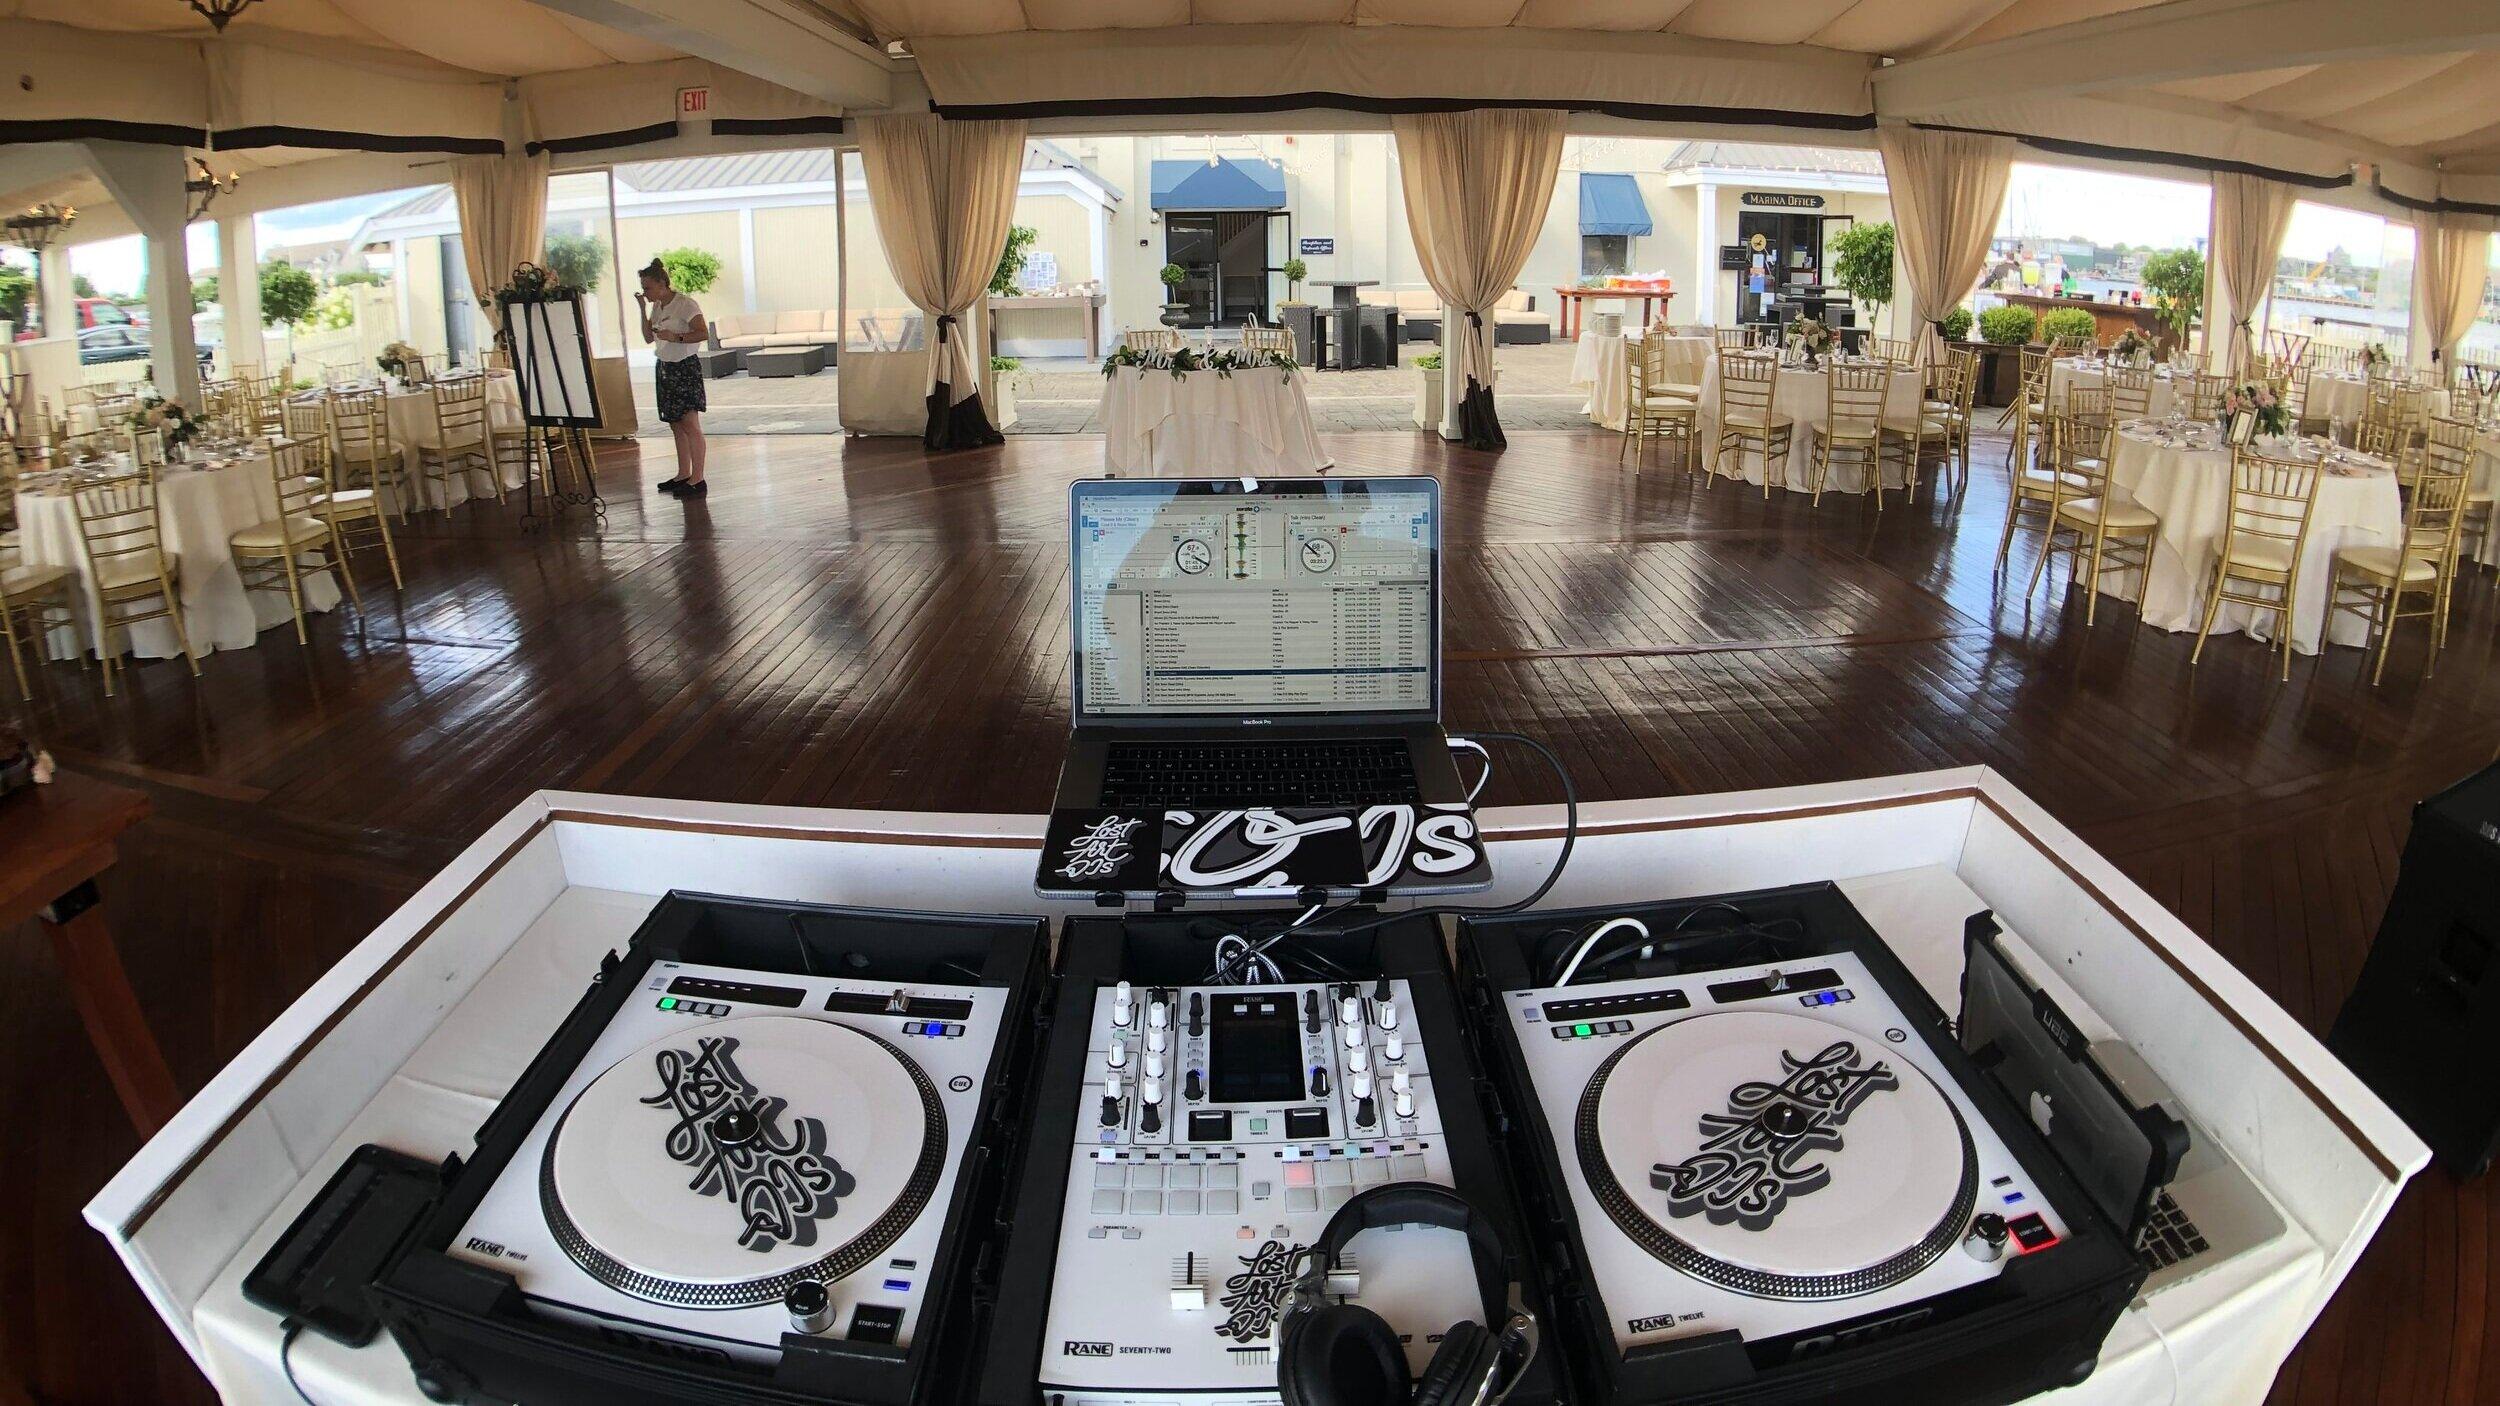 LOST ART DJ'S @ REGATTA PLACE // NEWPORT, RHODE ISLAND